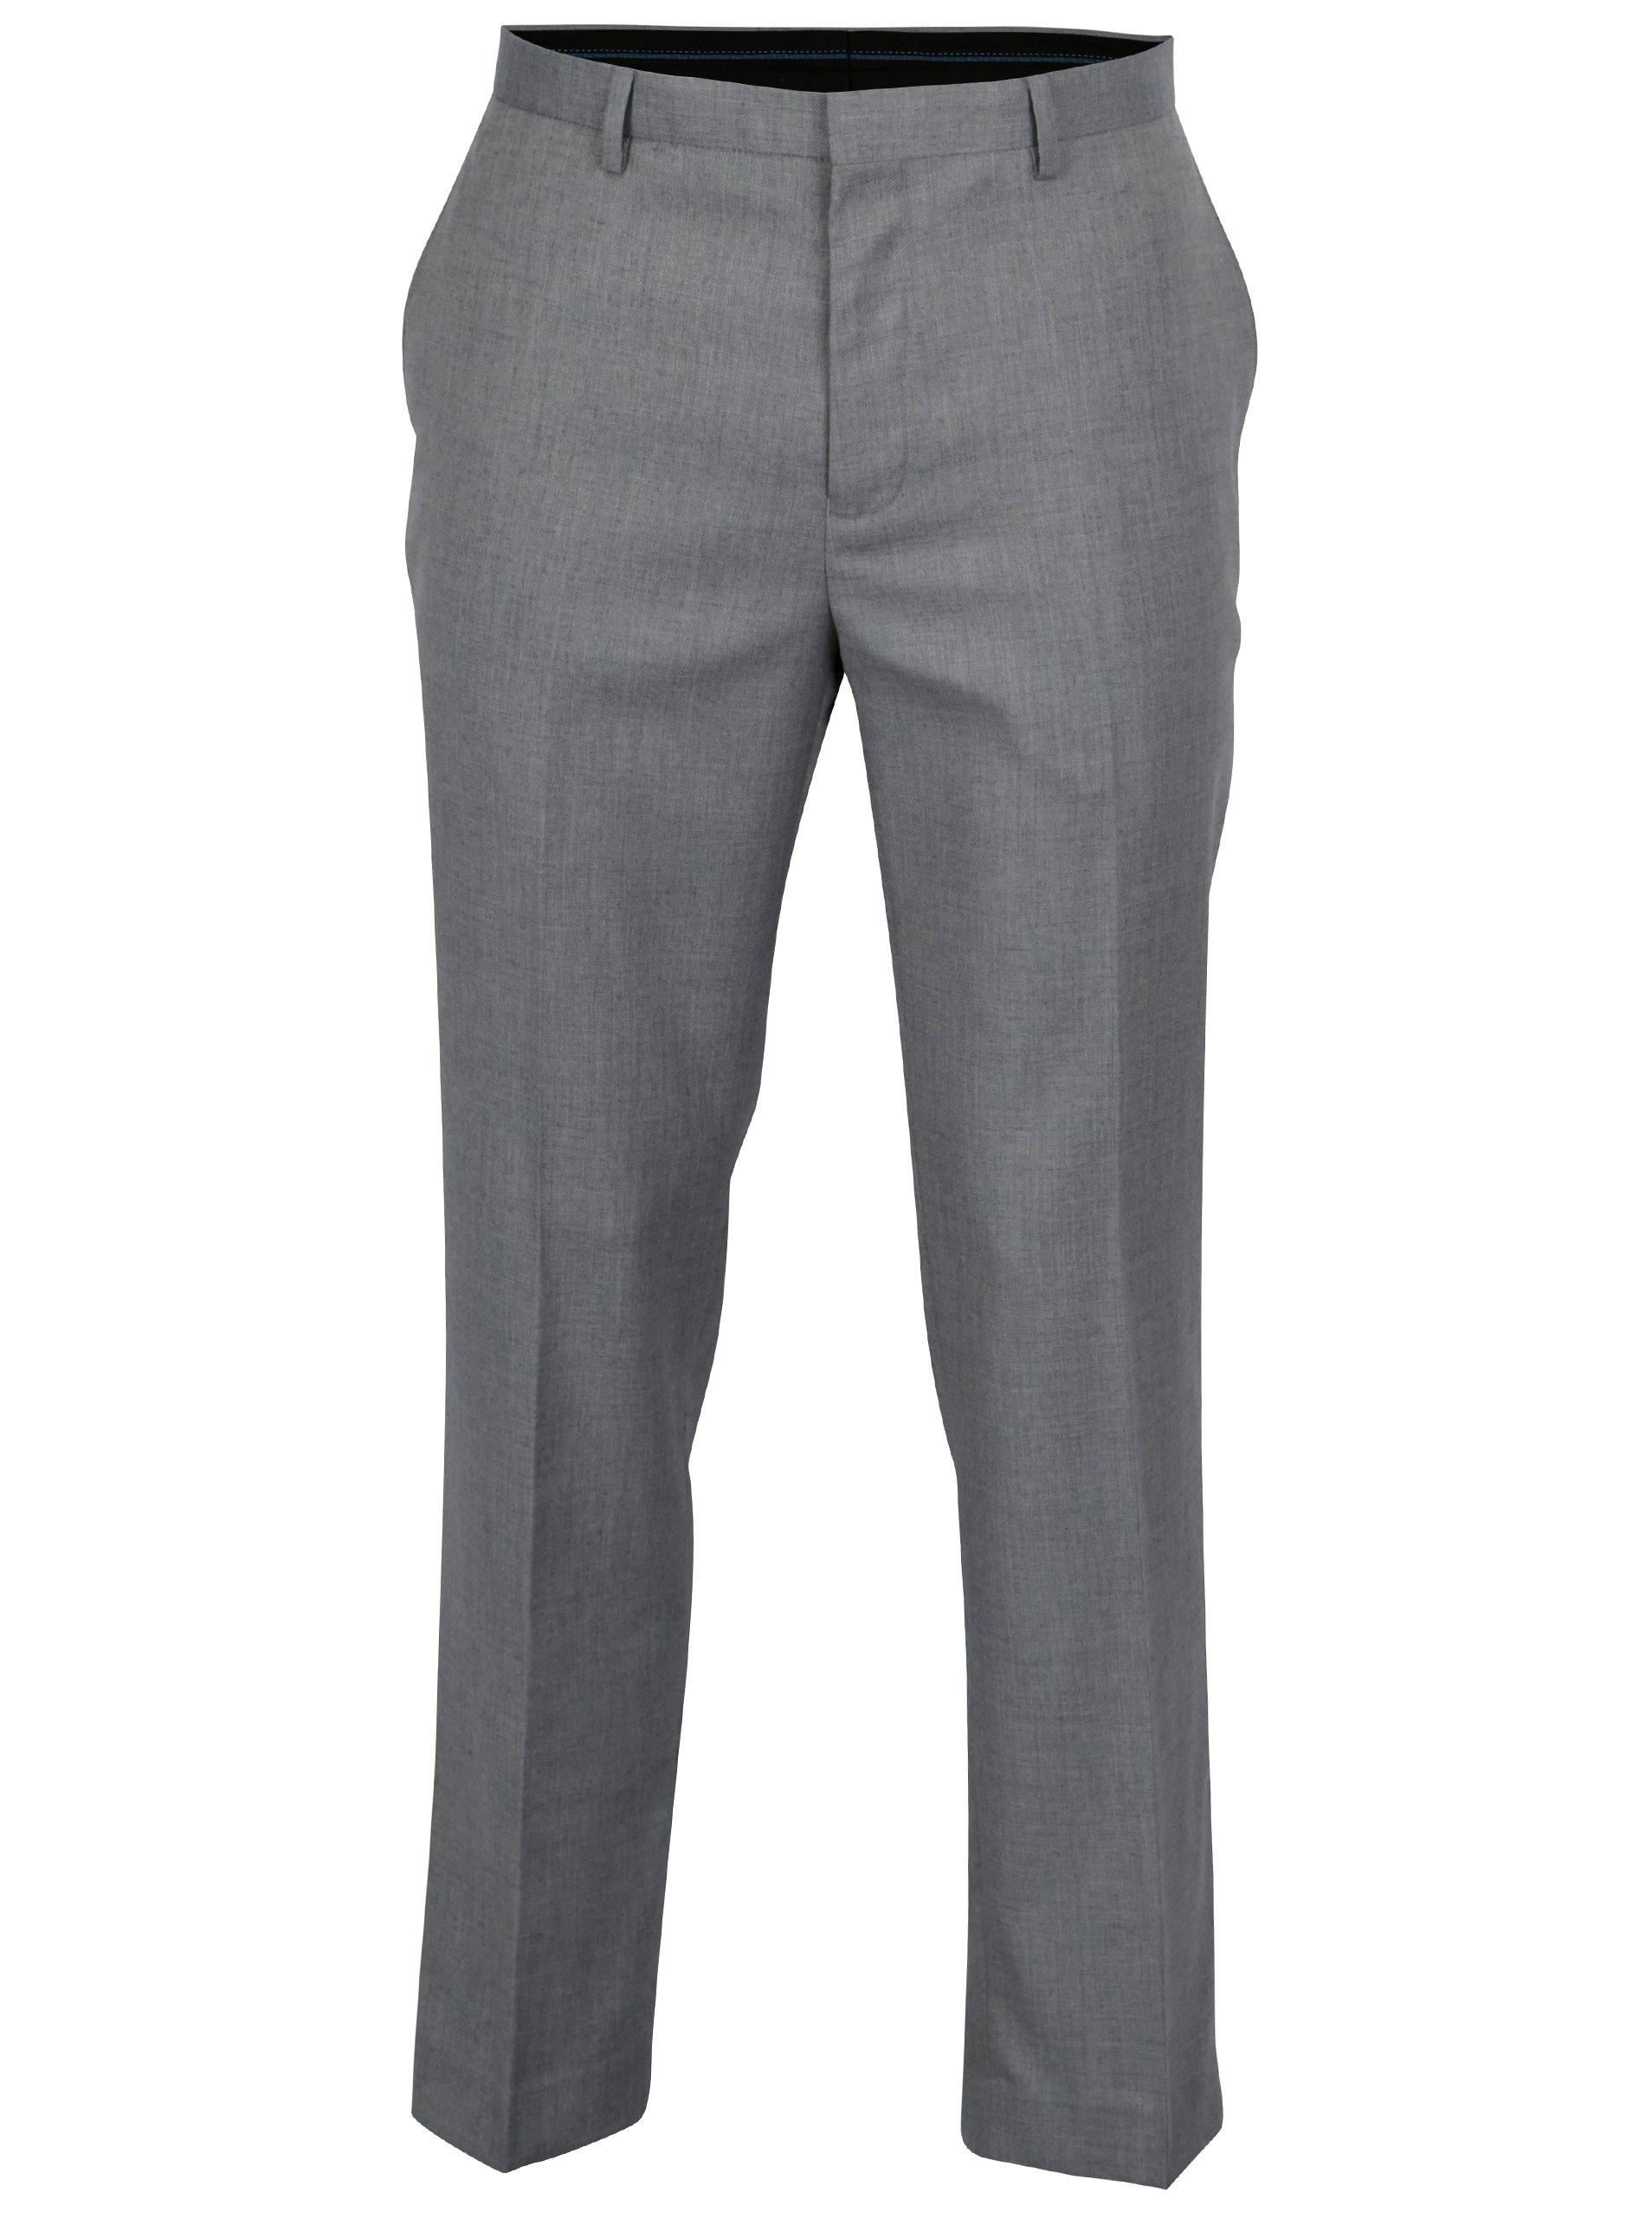 Šedé oblekové kalhoty Burton Menswear London